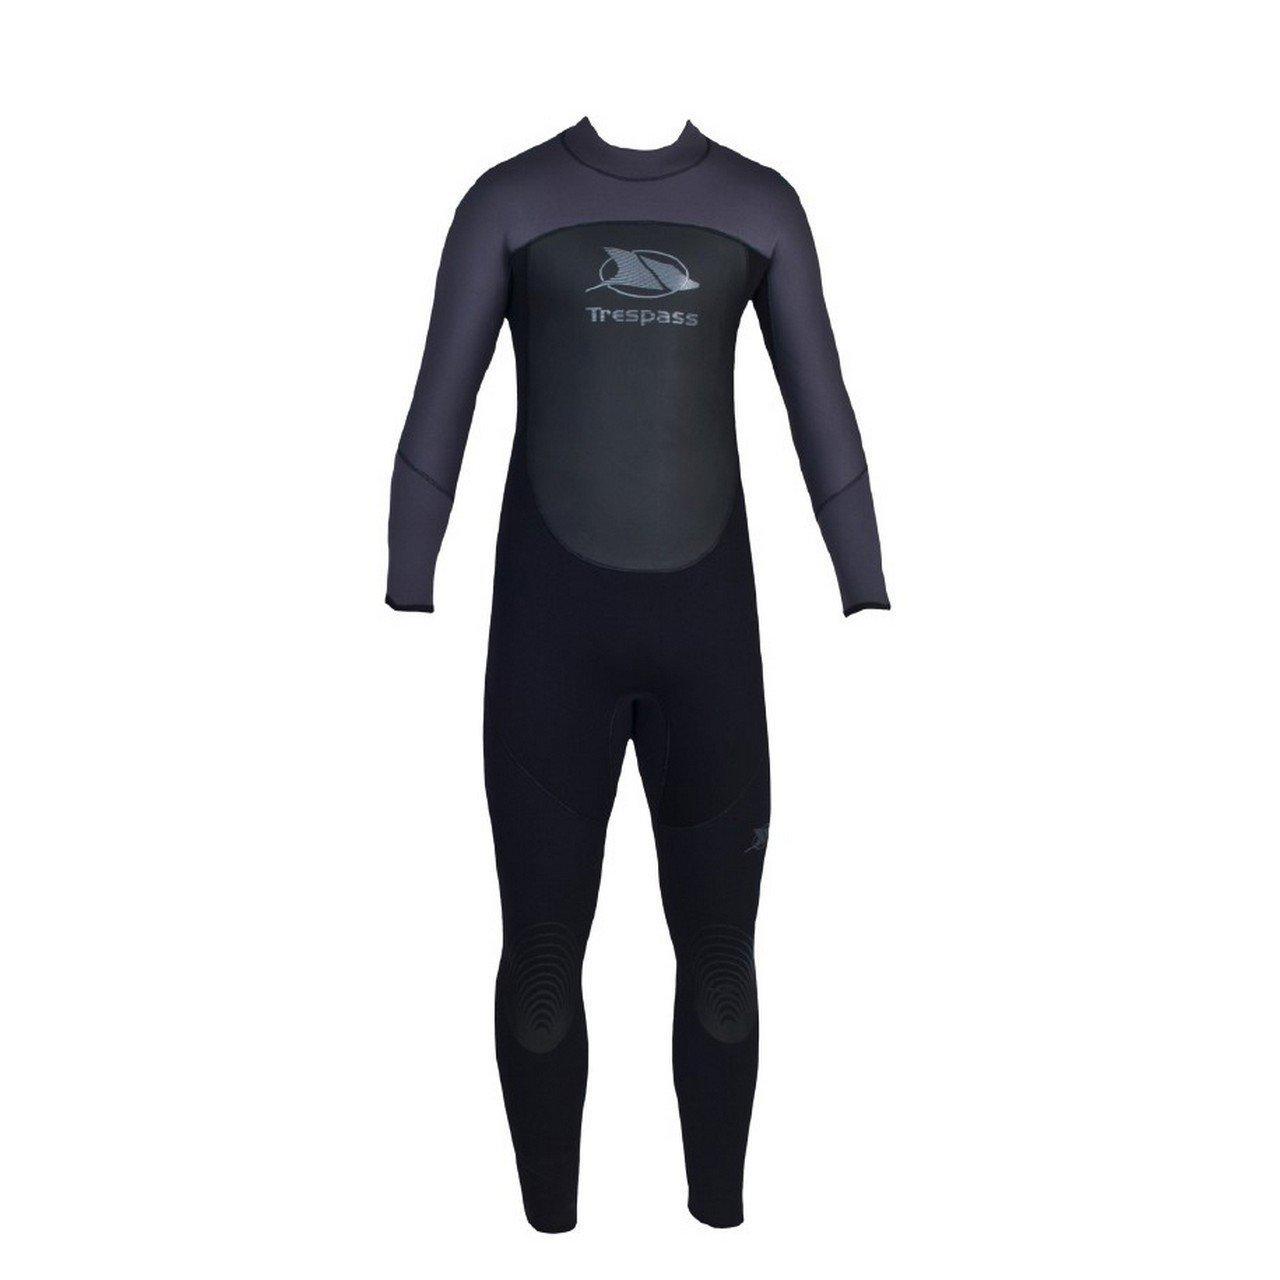 Trespass Diver Mens 5mm Full Length Neoprene Wetsuit (M) (Black) by Trespass